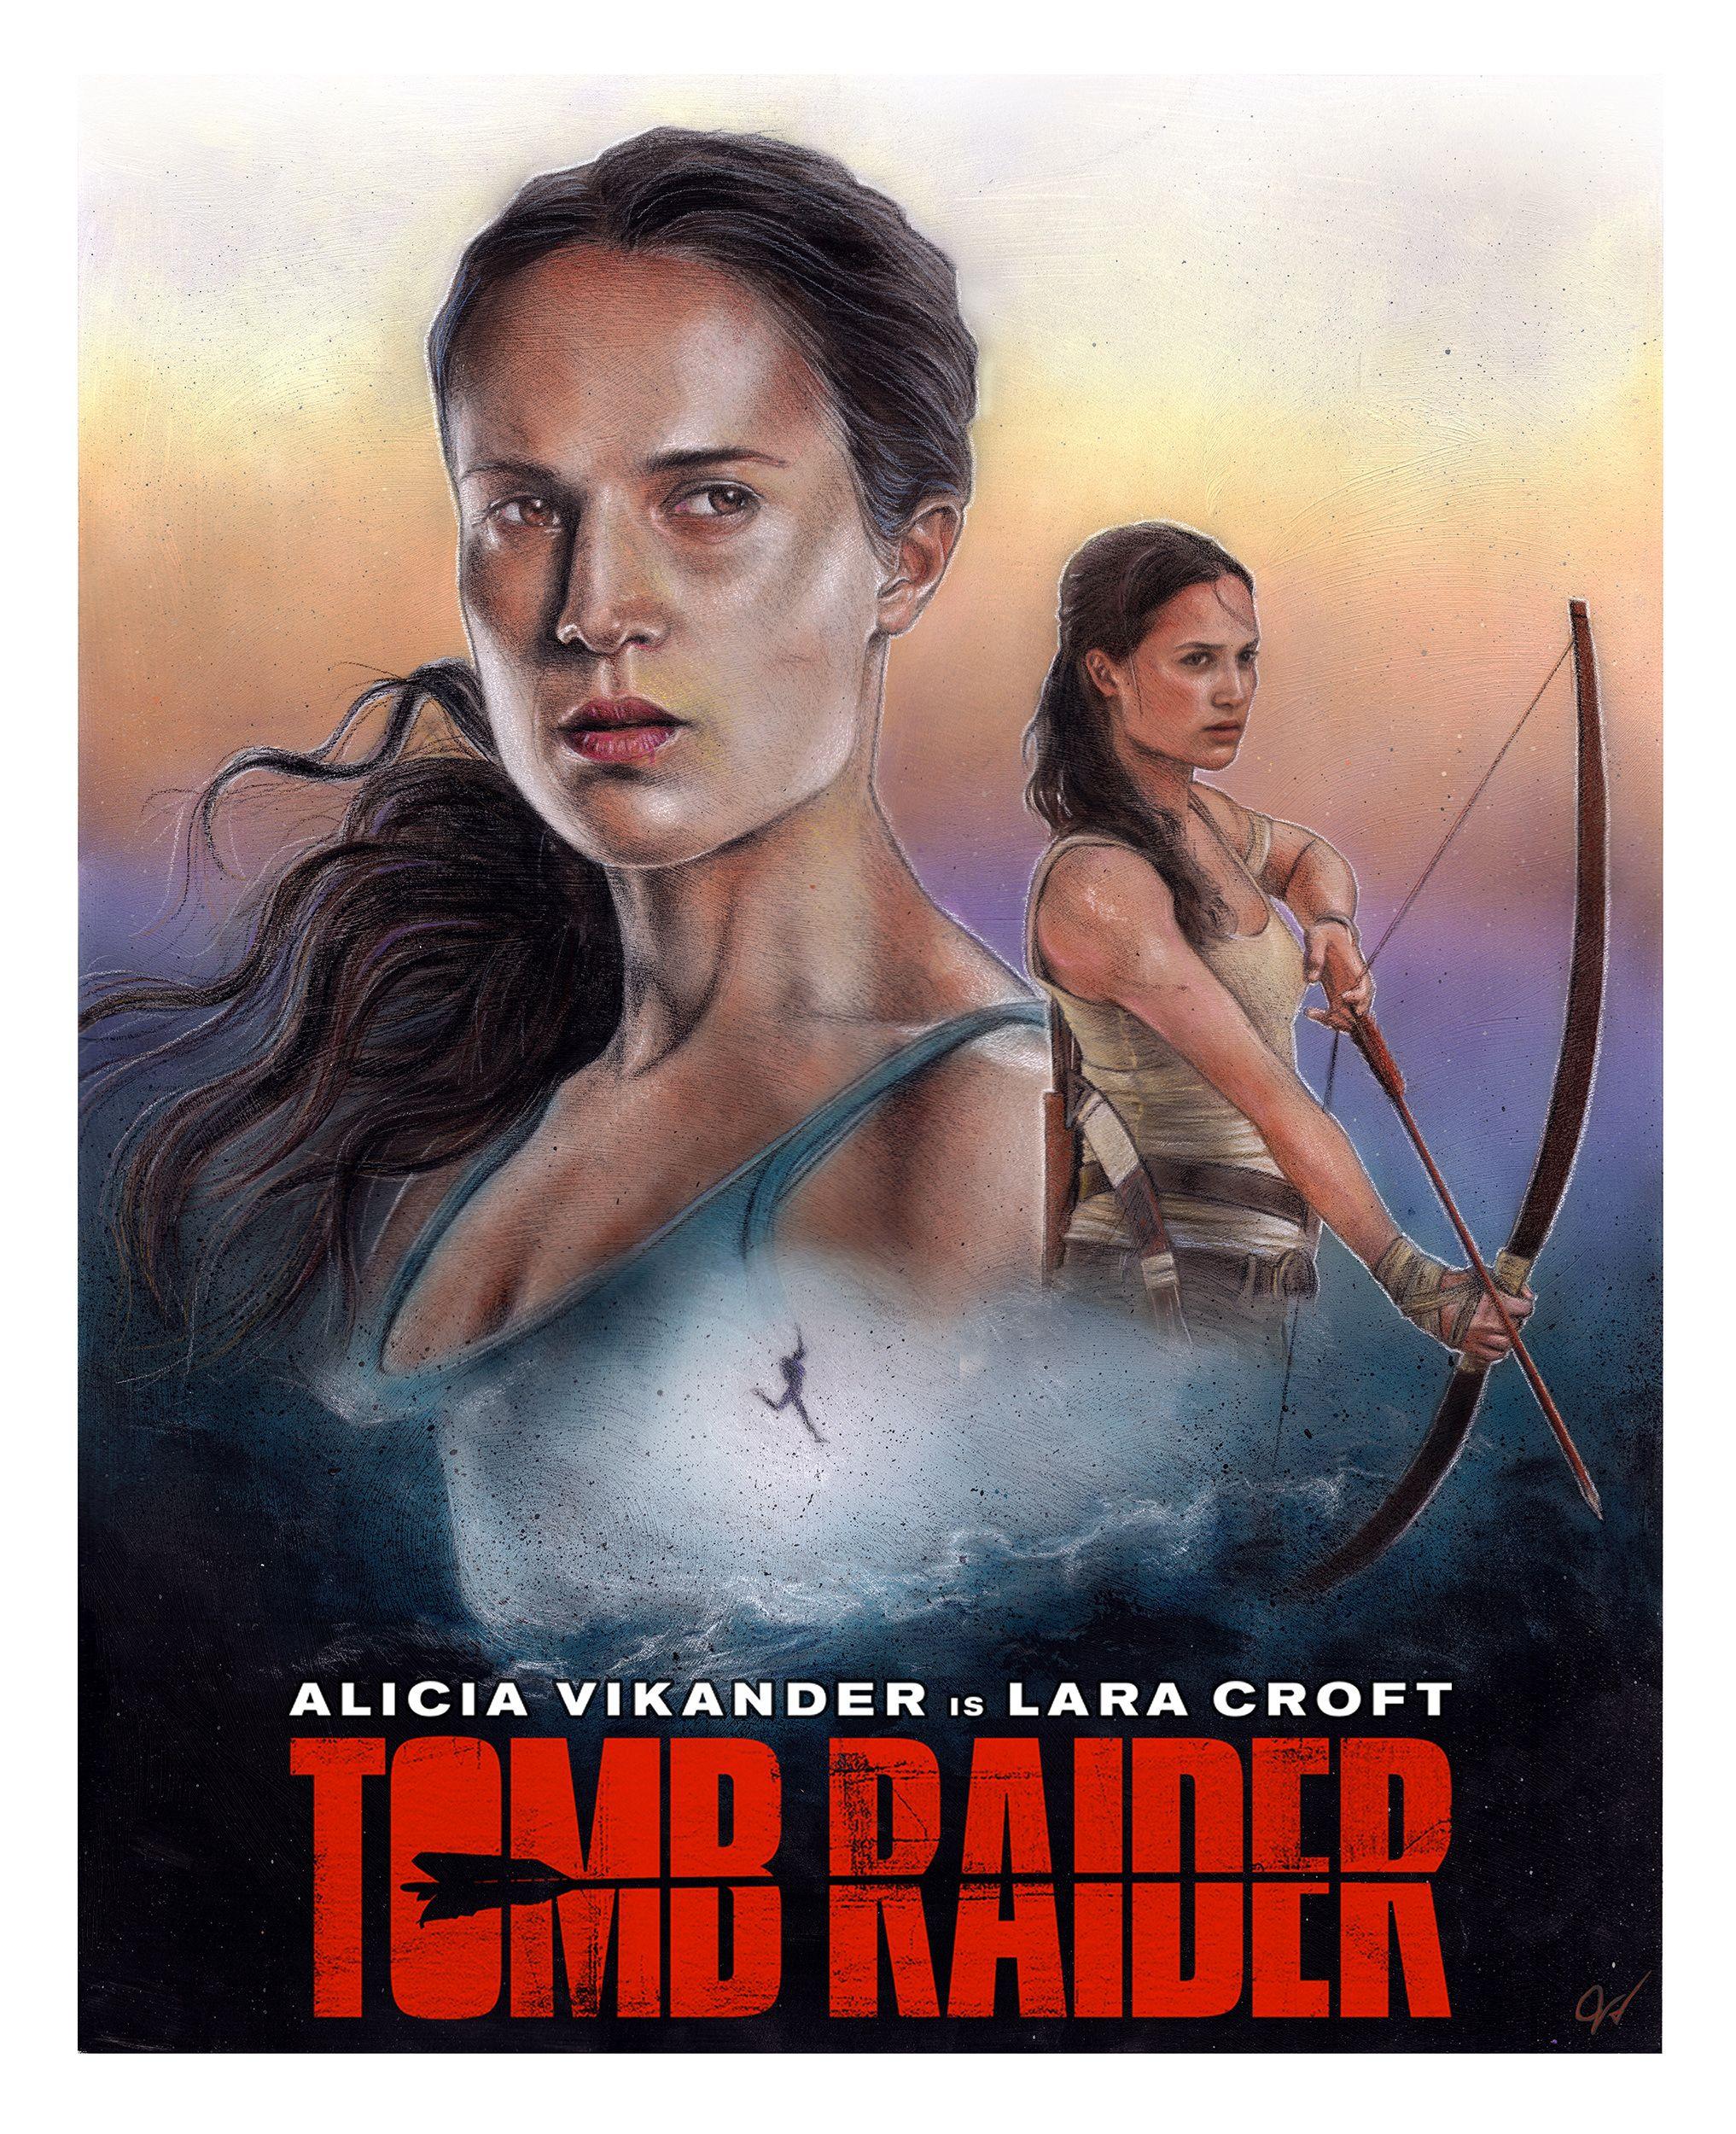 Alicia Vikander Tomb Raider 2018 Movie Full Hd Wallpaper: Tomb Raider (2018) [2034x2500] [OC]